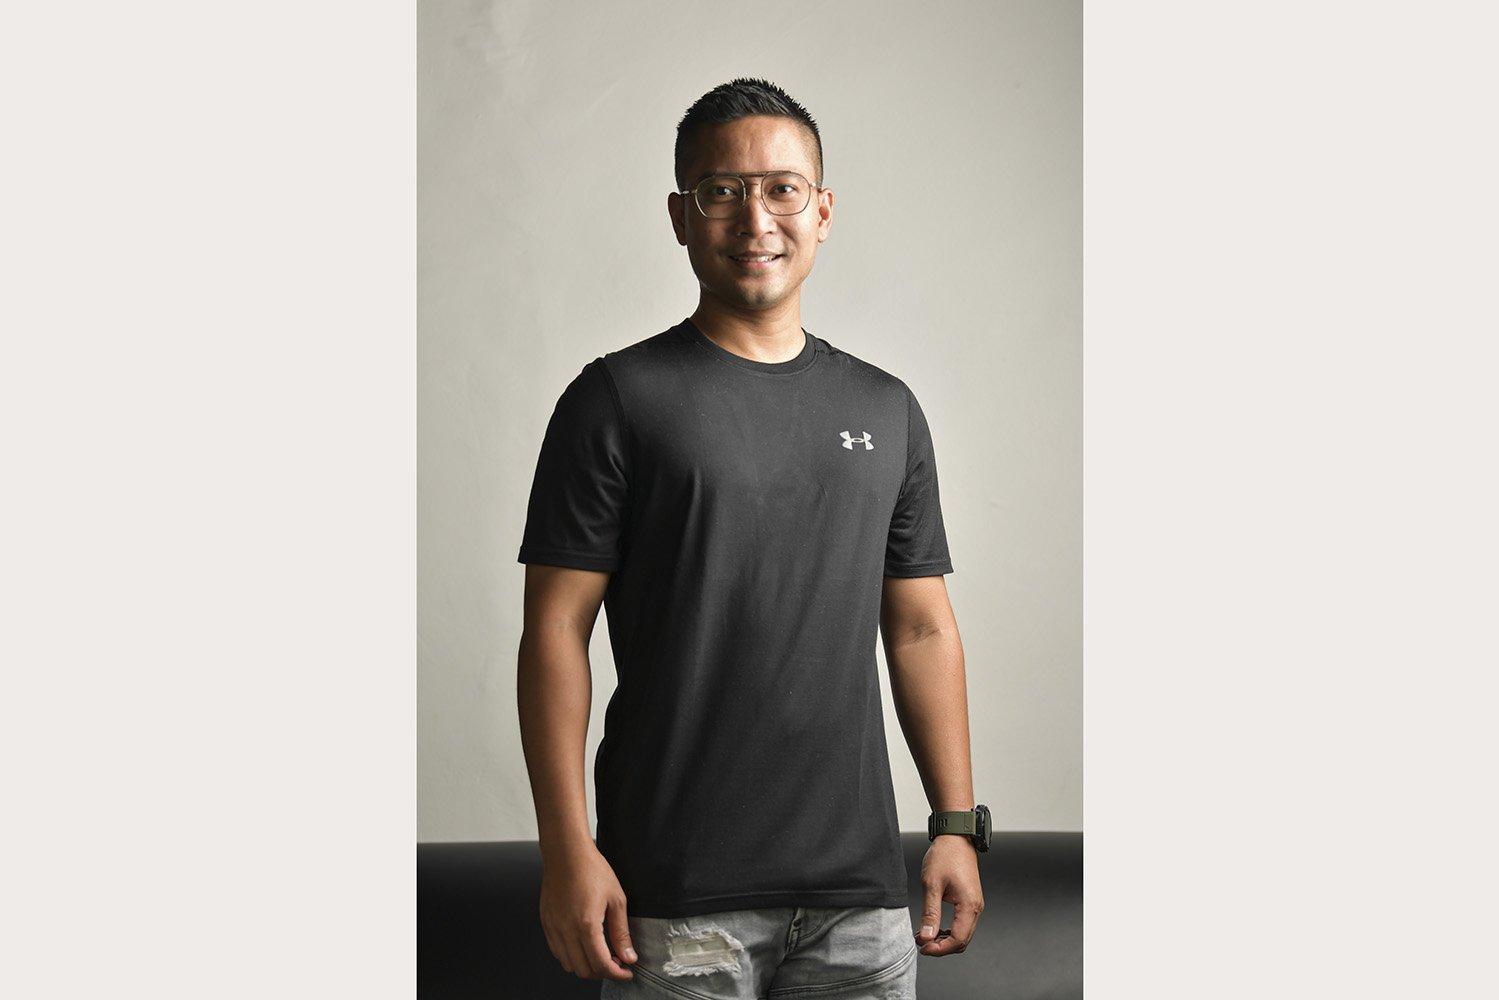 Artis Detri Warmanto (34) berpose di kediamannya di Jakarta. Menantu Menpan RB tjahjo Kumolo tersebut meyakini bahwa COVID-19 bisa disembuhkan oleh diri sendiri melalui imun tubuh meskipun vaksinnya belum ditemukan.\r\n\r\n